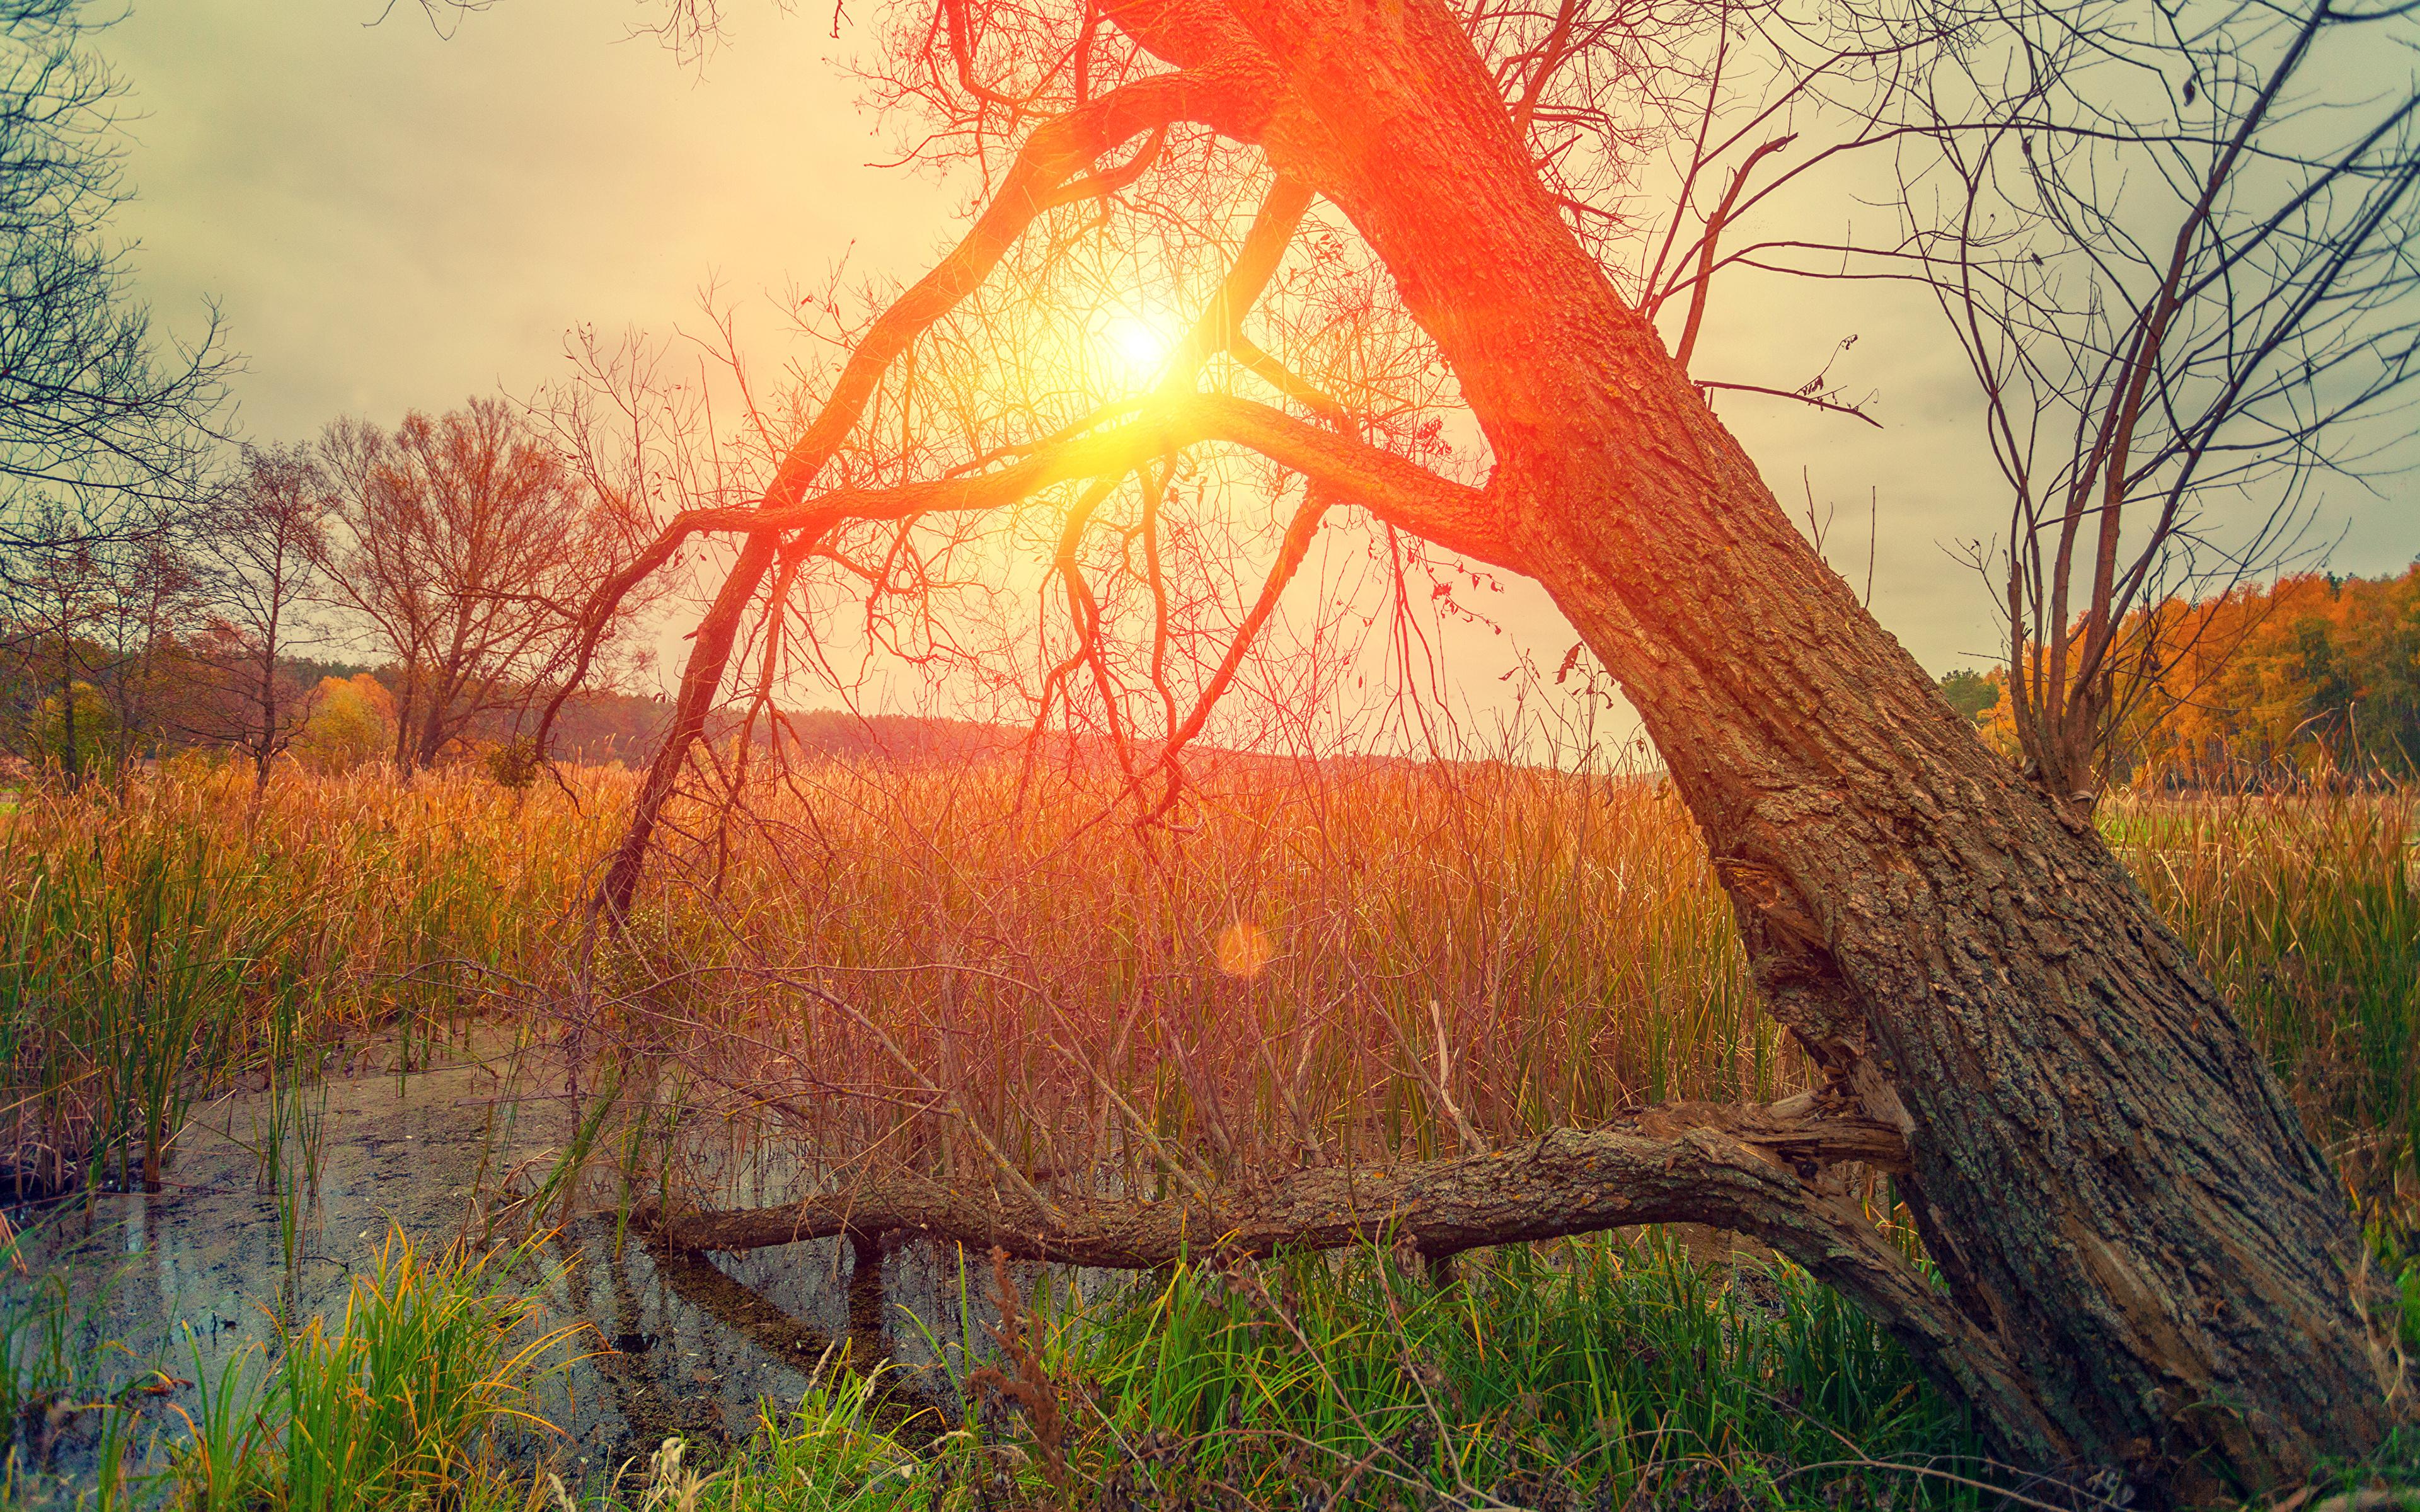 Hintergrundbilder Natur Sonne Sumpf Baumstamm Sonnenaufgänge und Sonnenuntergänge Gras 3840x2400